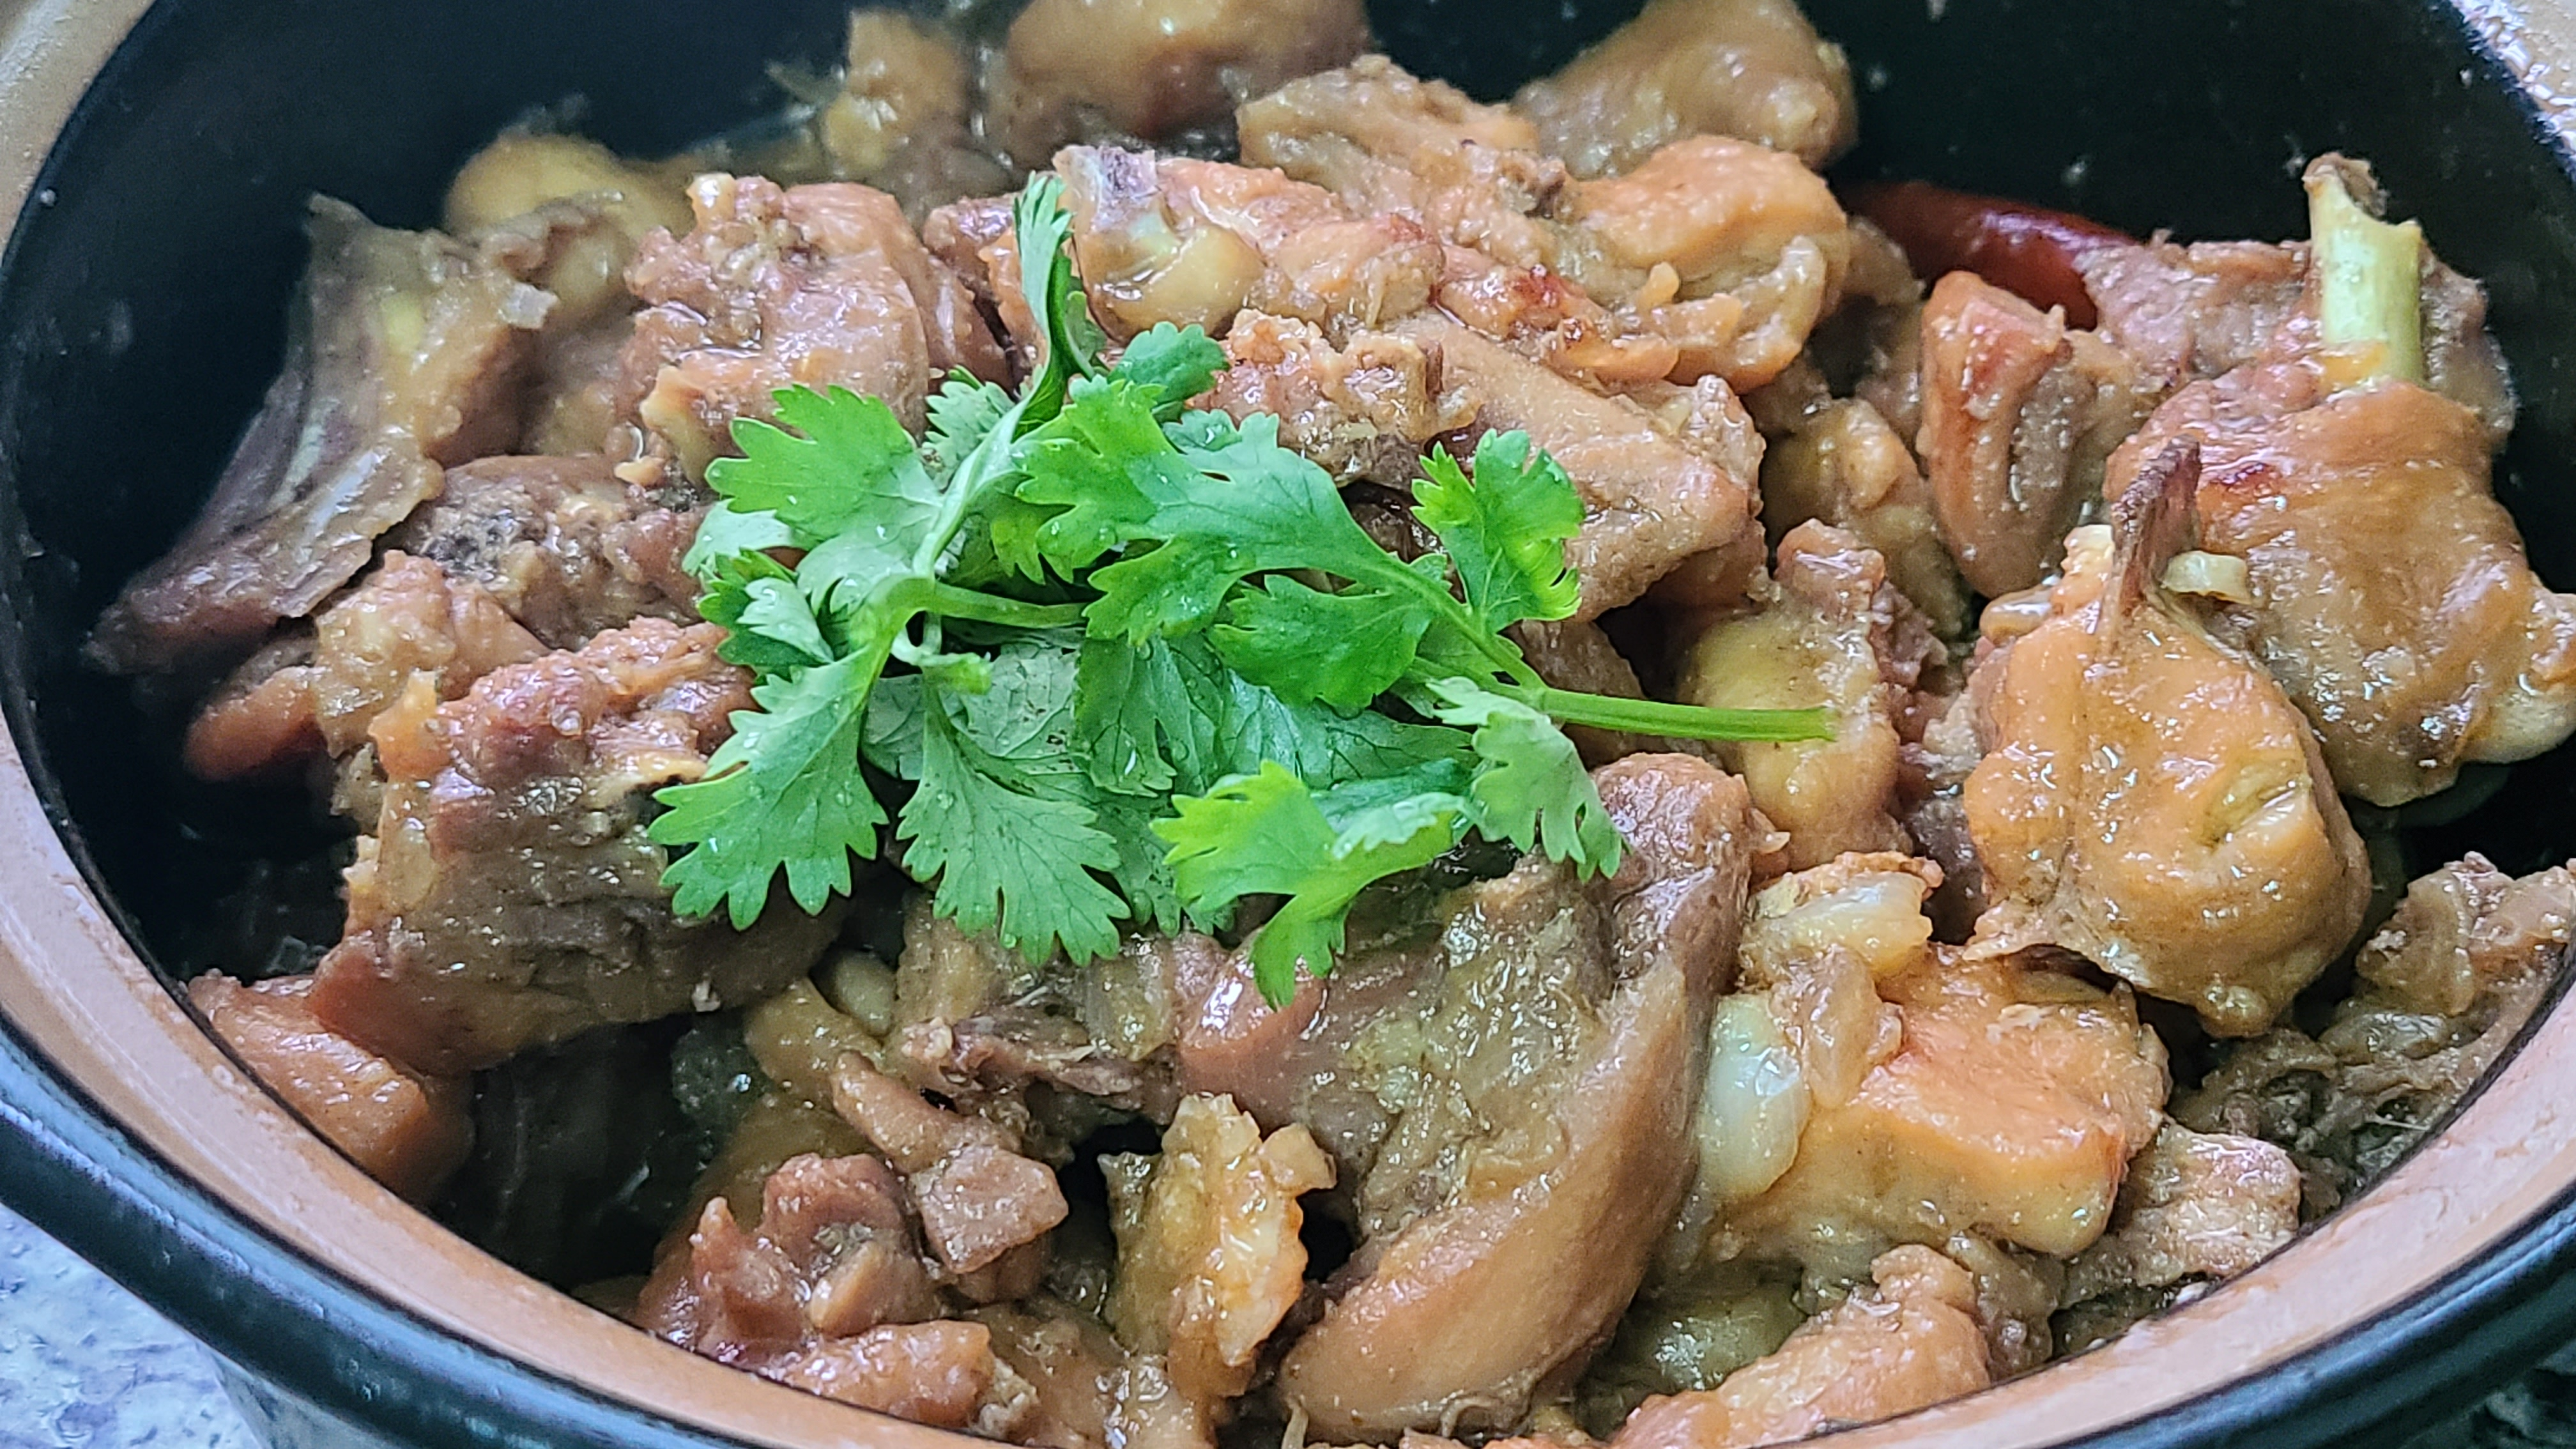 天氣冷了,就喜歡吃這一道家常菜,簡單美味,越吃越想吃